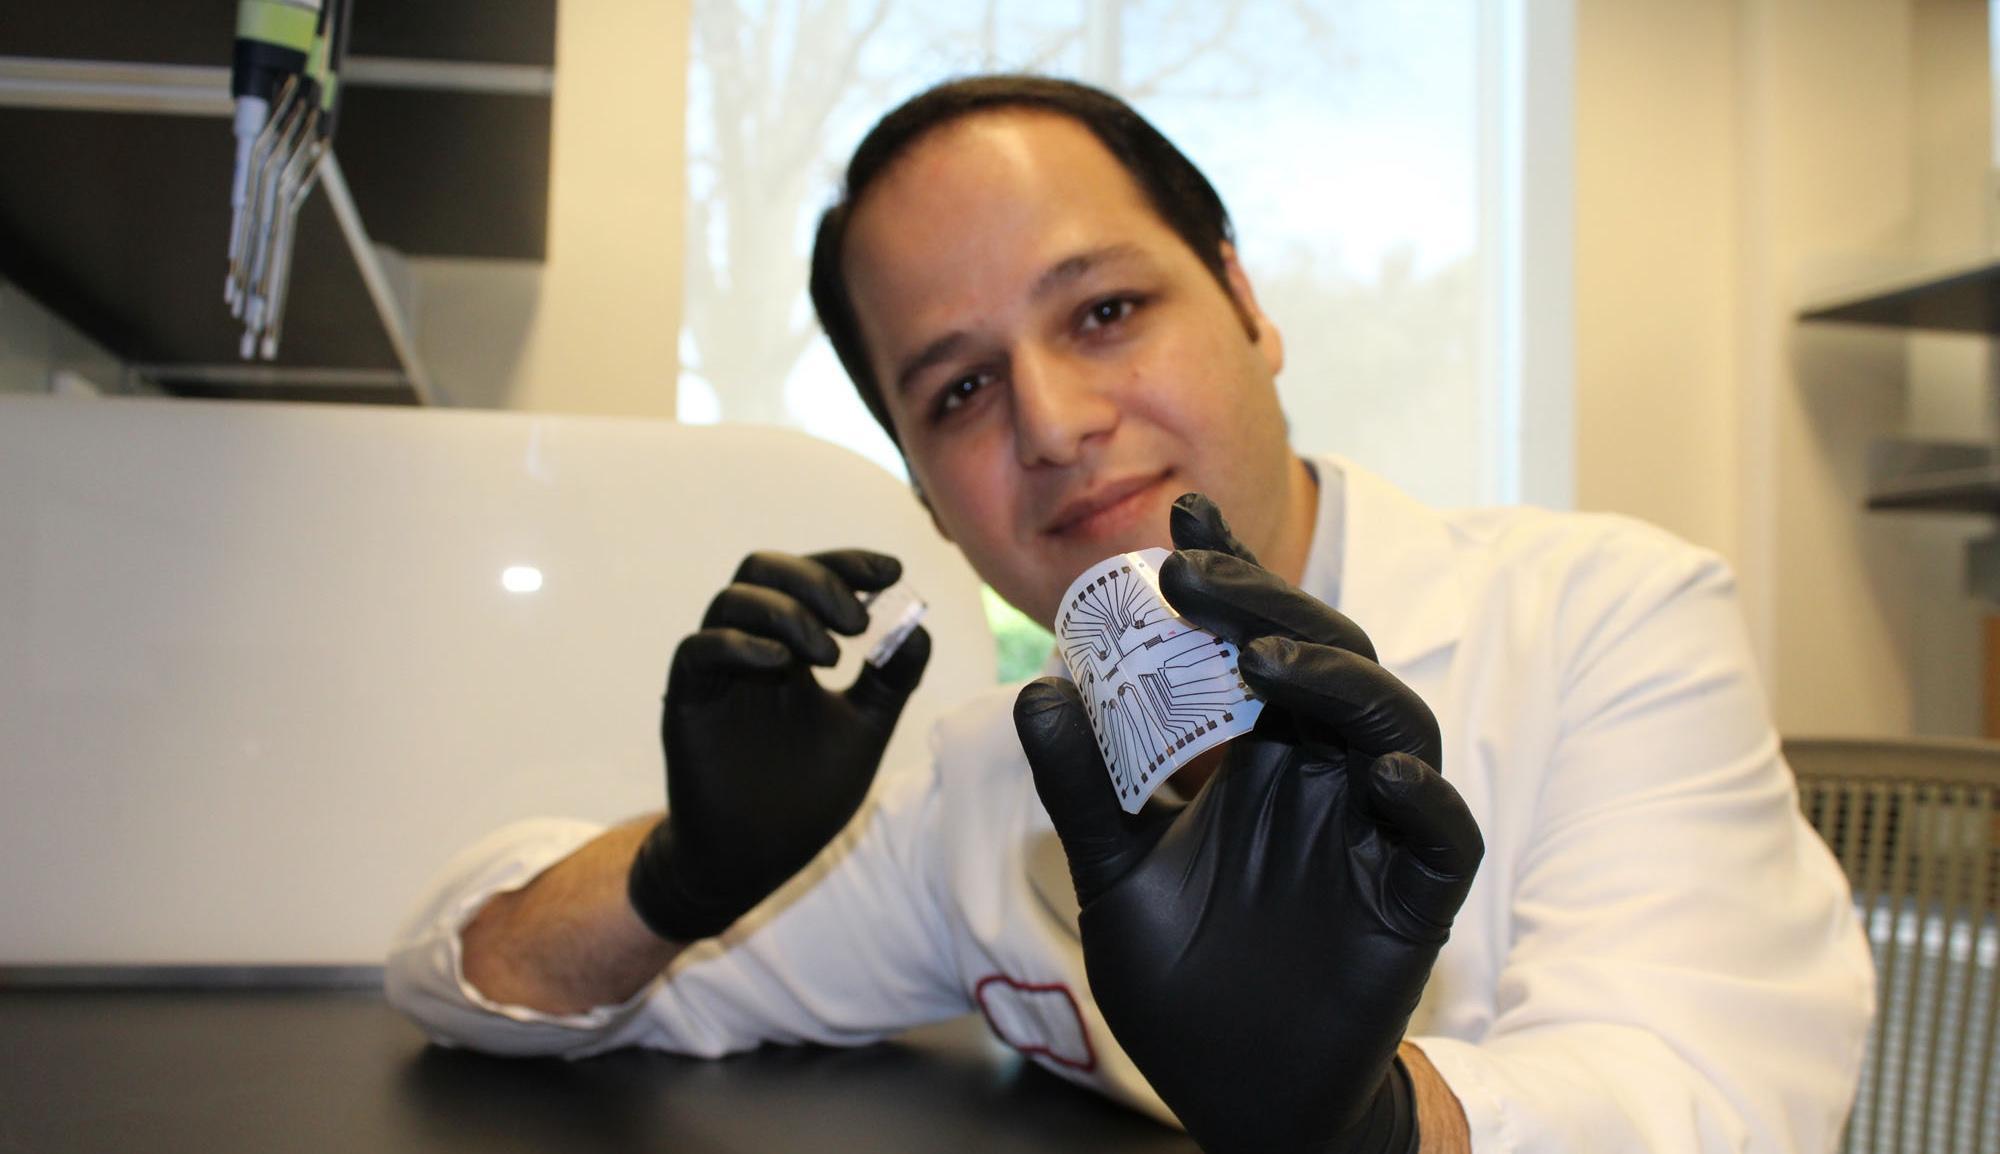 Революционный медицинский чип: быстрый и дешевый анализ крови для всех